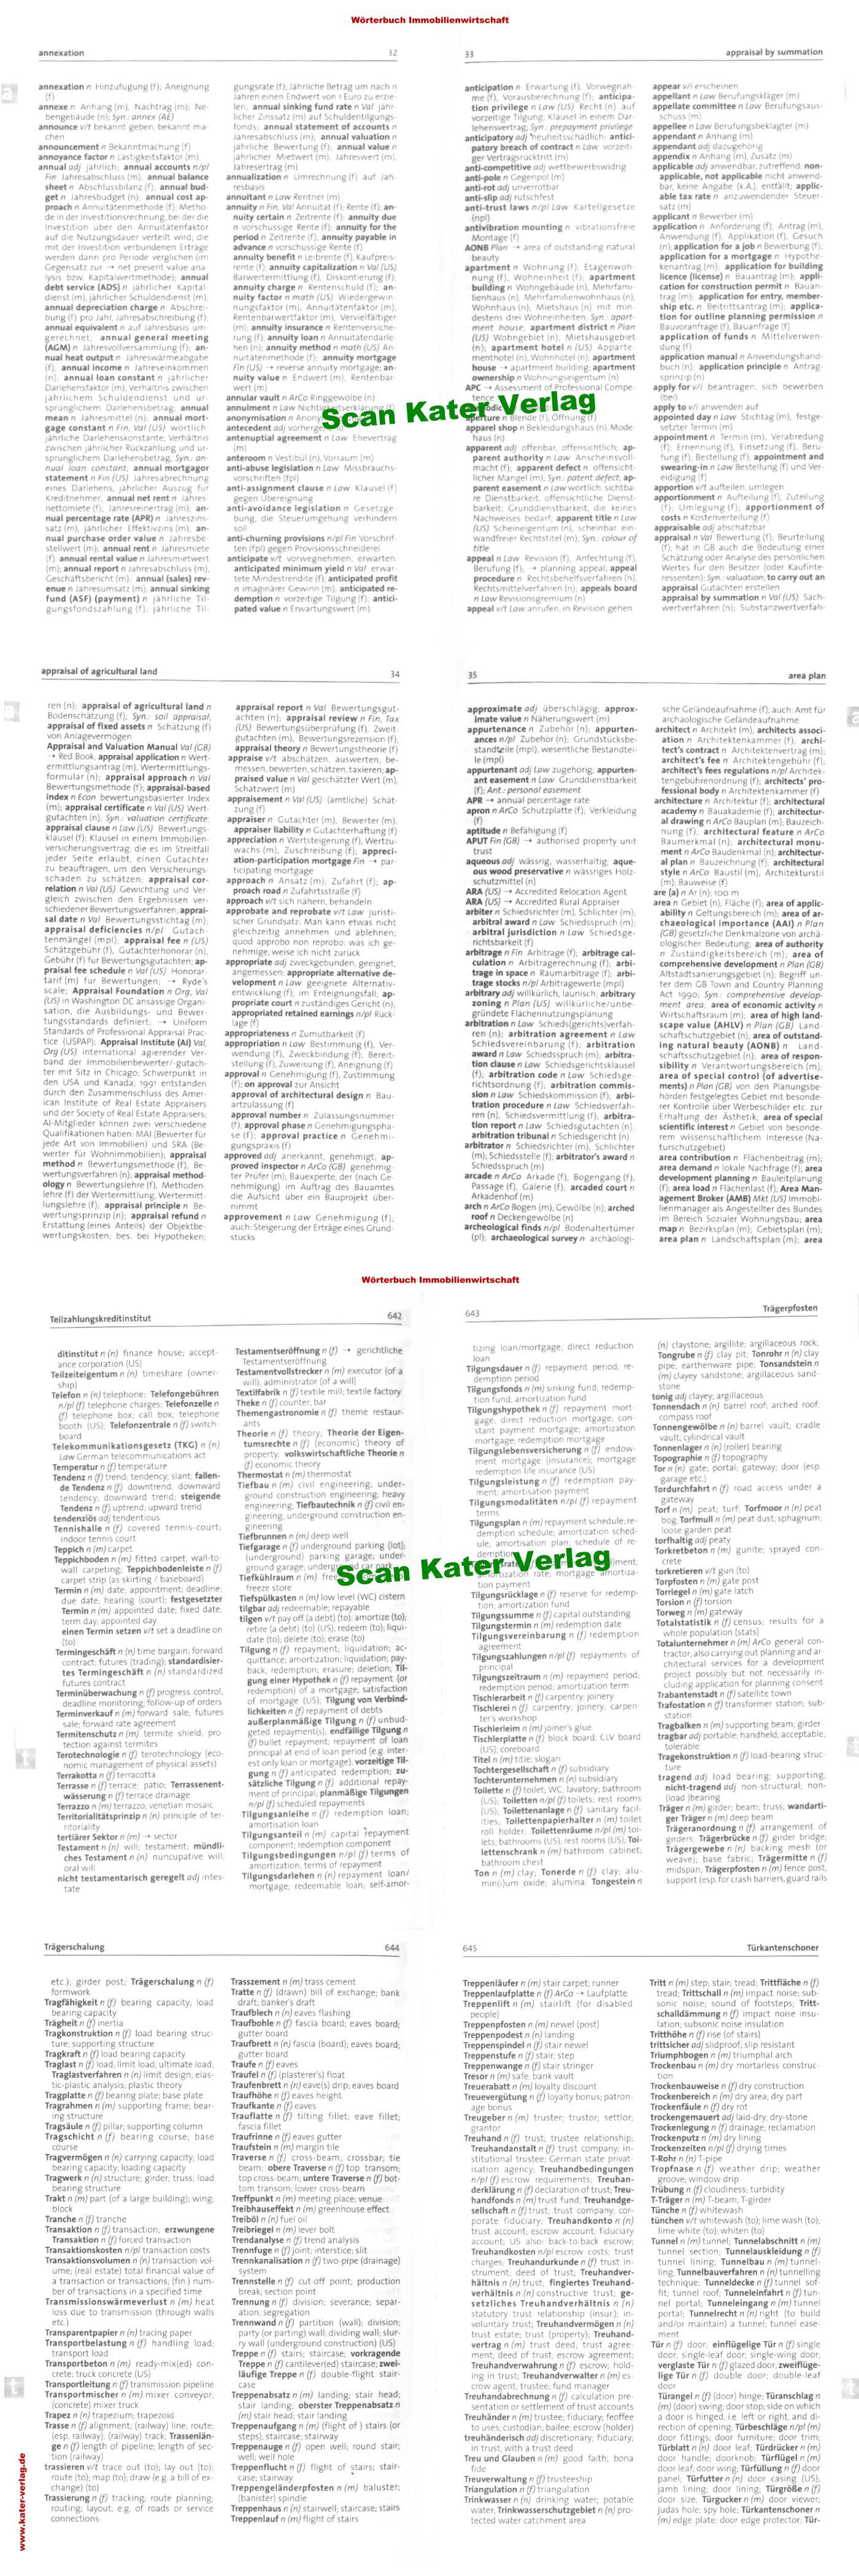 Wörterbuch Immobilienwirtschaft DE-EN, EN-DE